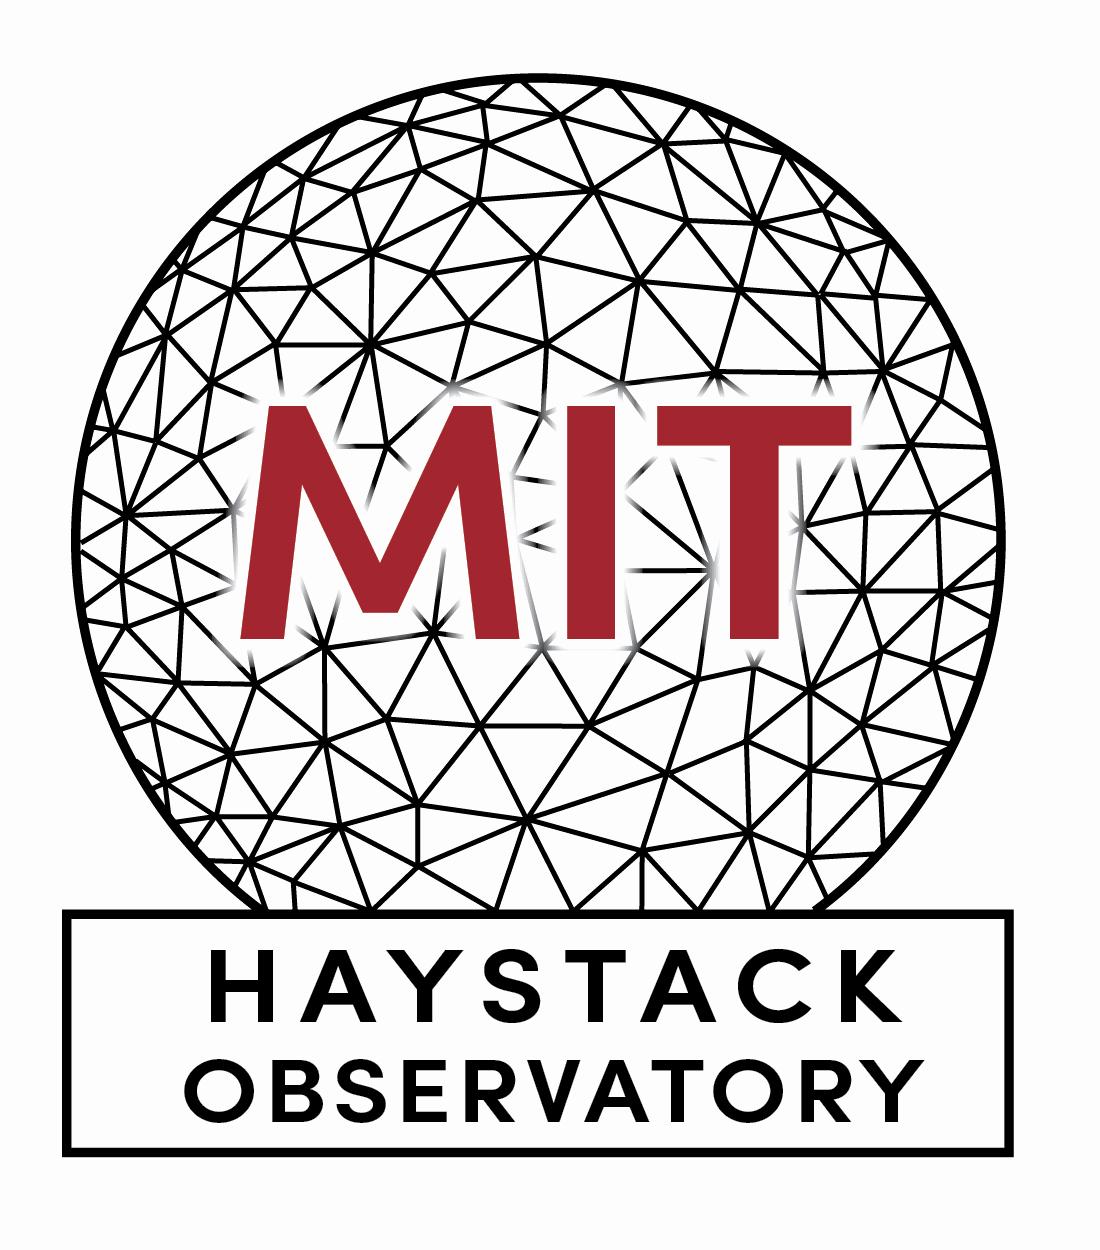 Mit Letter Of Recommendation Best Of Mit Haystack Observatory Reu Application form